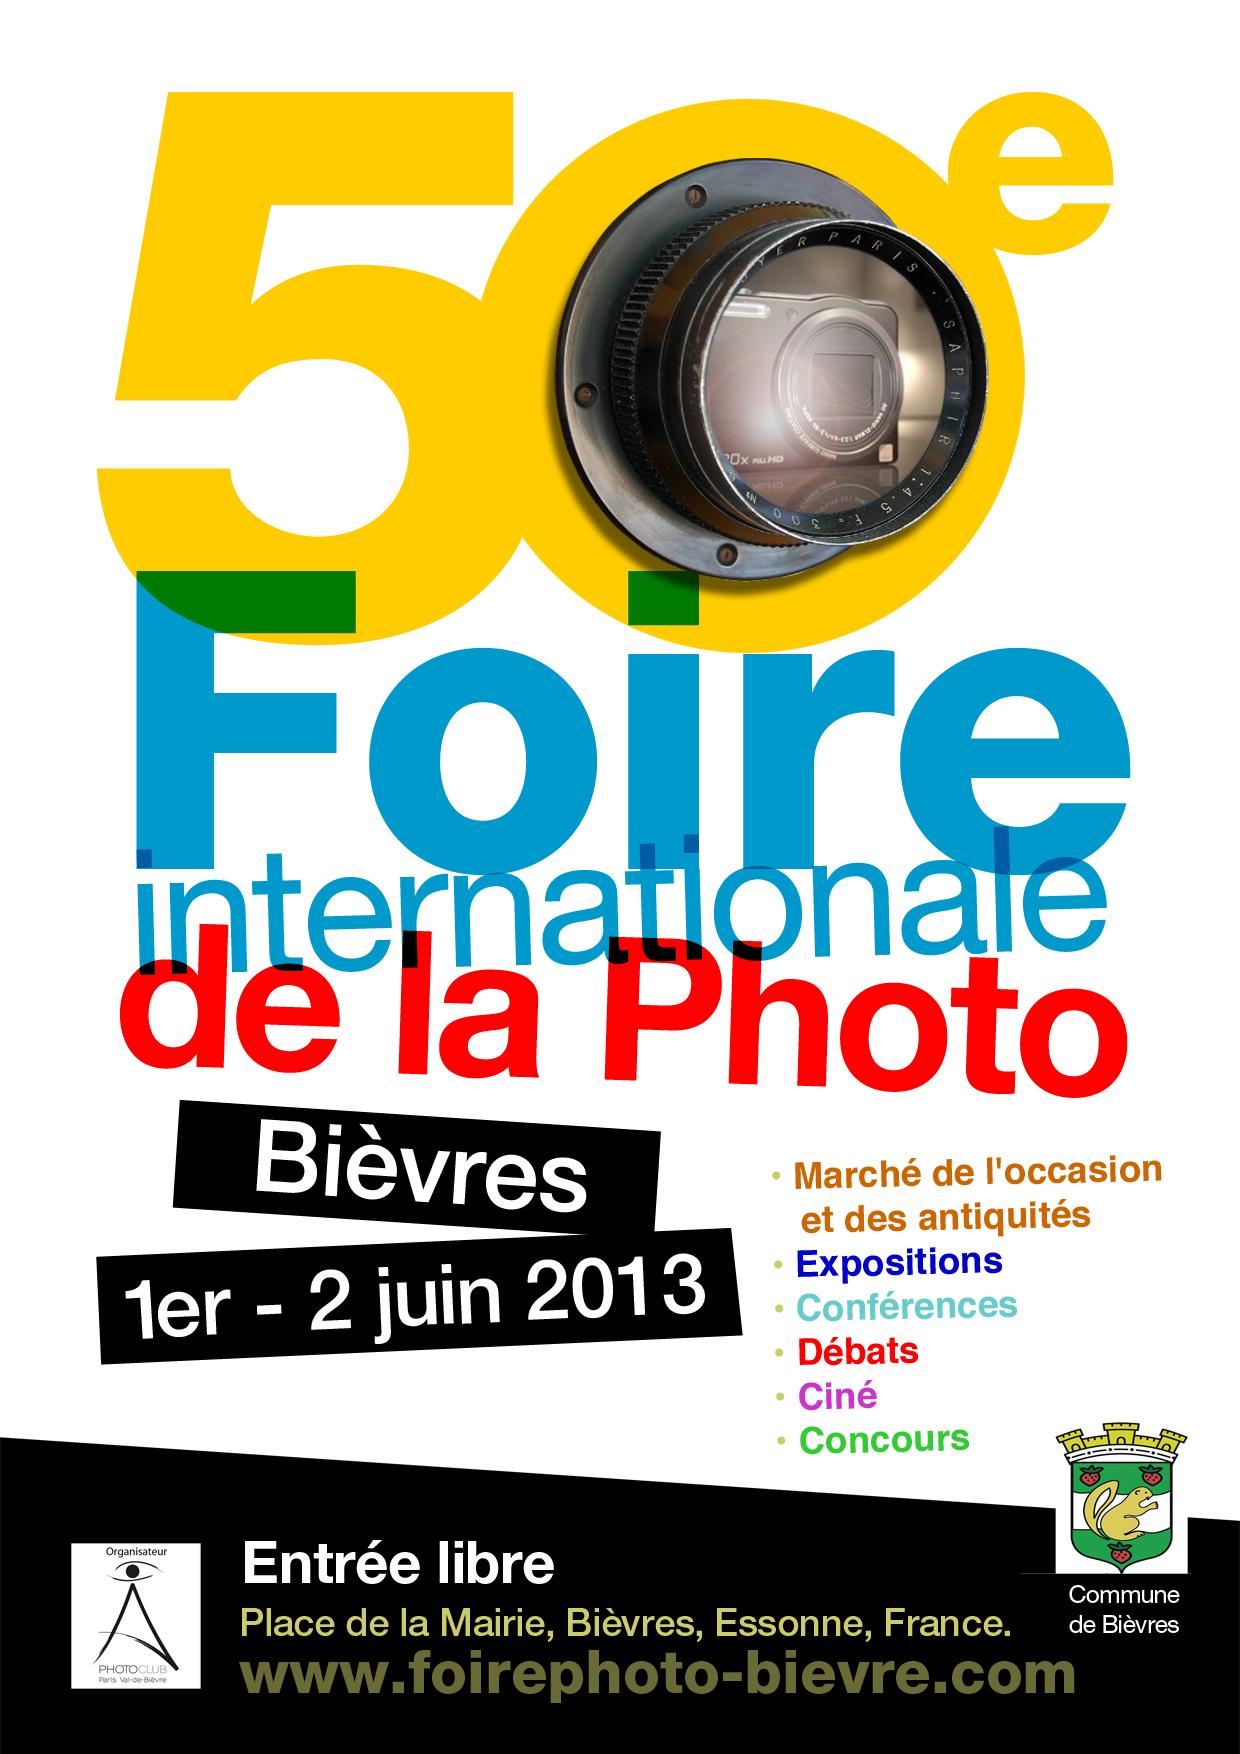 91 - Bièvres • 50e Foire Internationale de la Photo à Bièvres